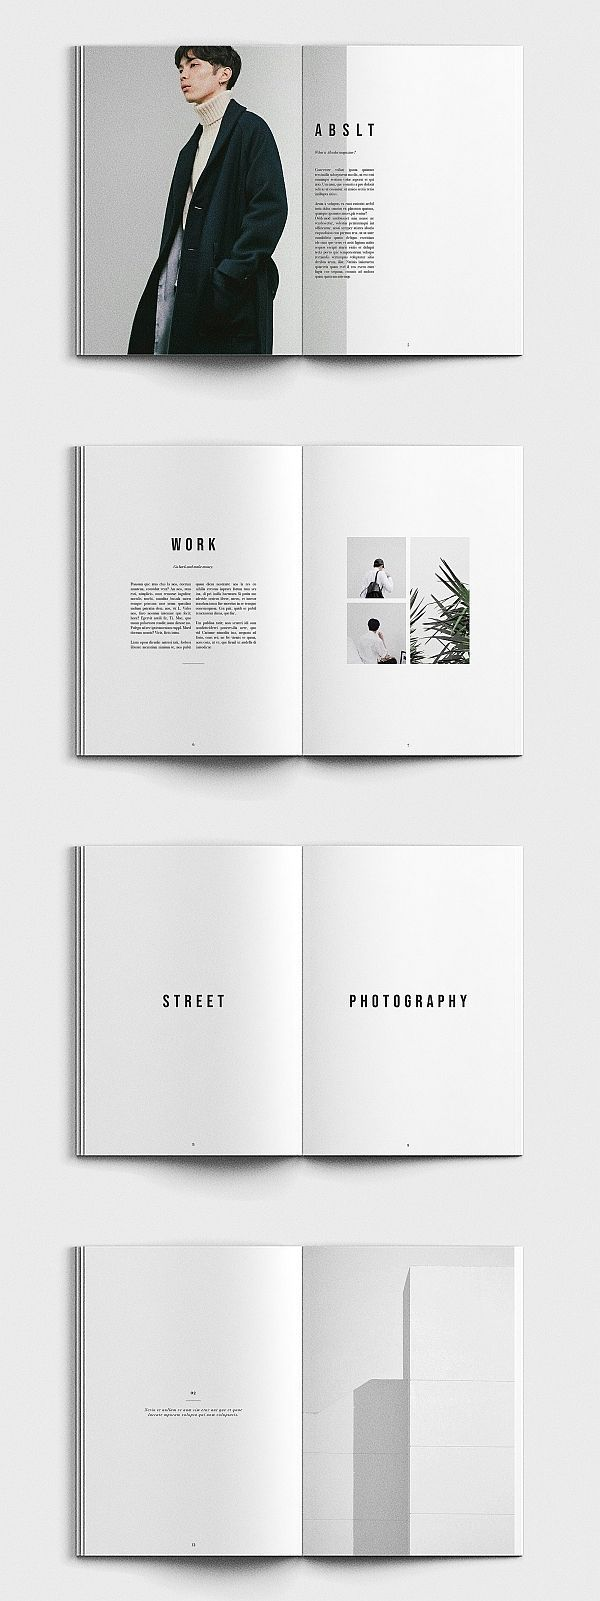 ABSOLUT-Fotografie-Portfolio-Vorlage – handlettering und typografie